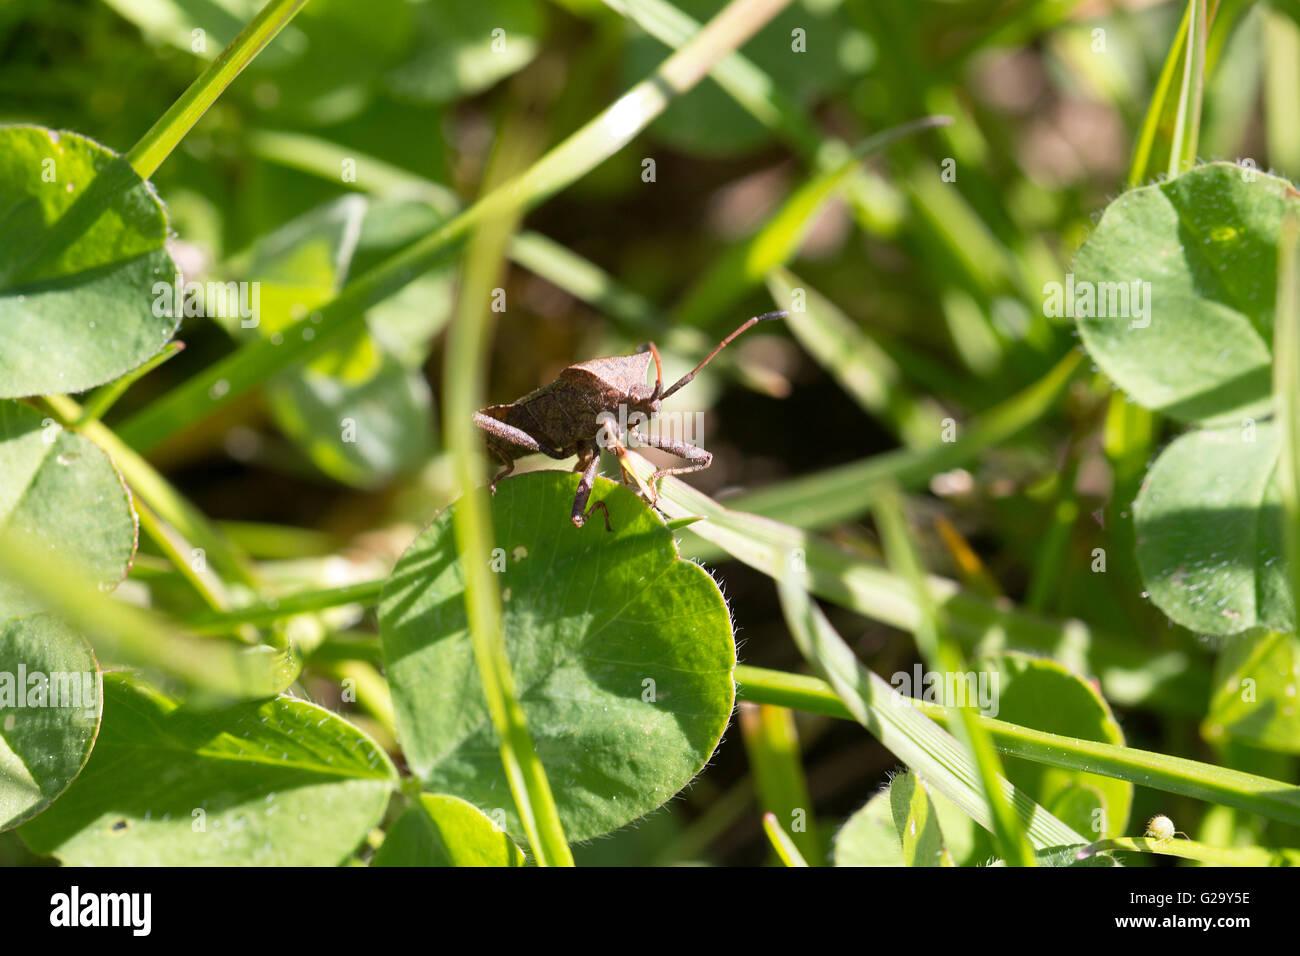 Lederwanze auf einen Blatt im Frühling  Leather bug on a leaf in spring - Stock Image